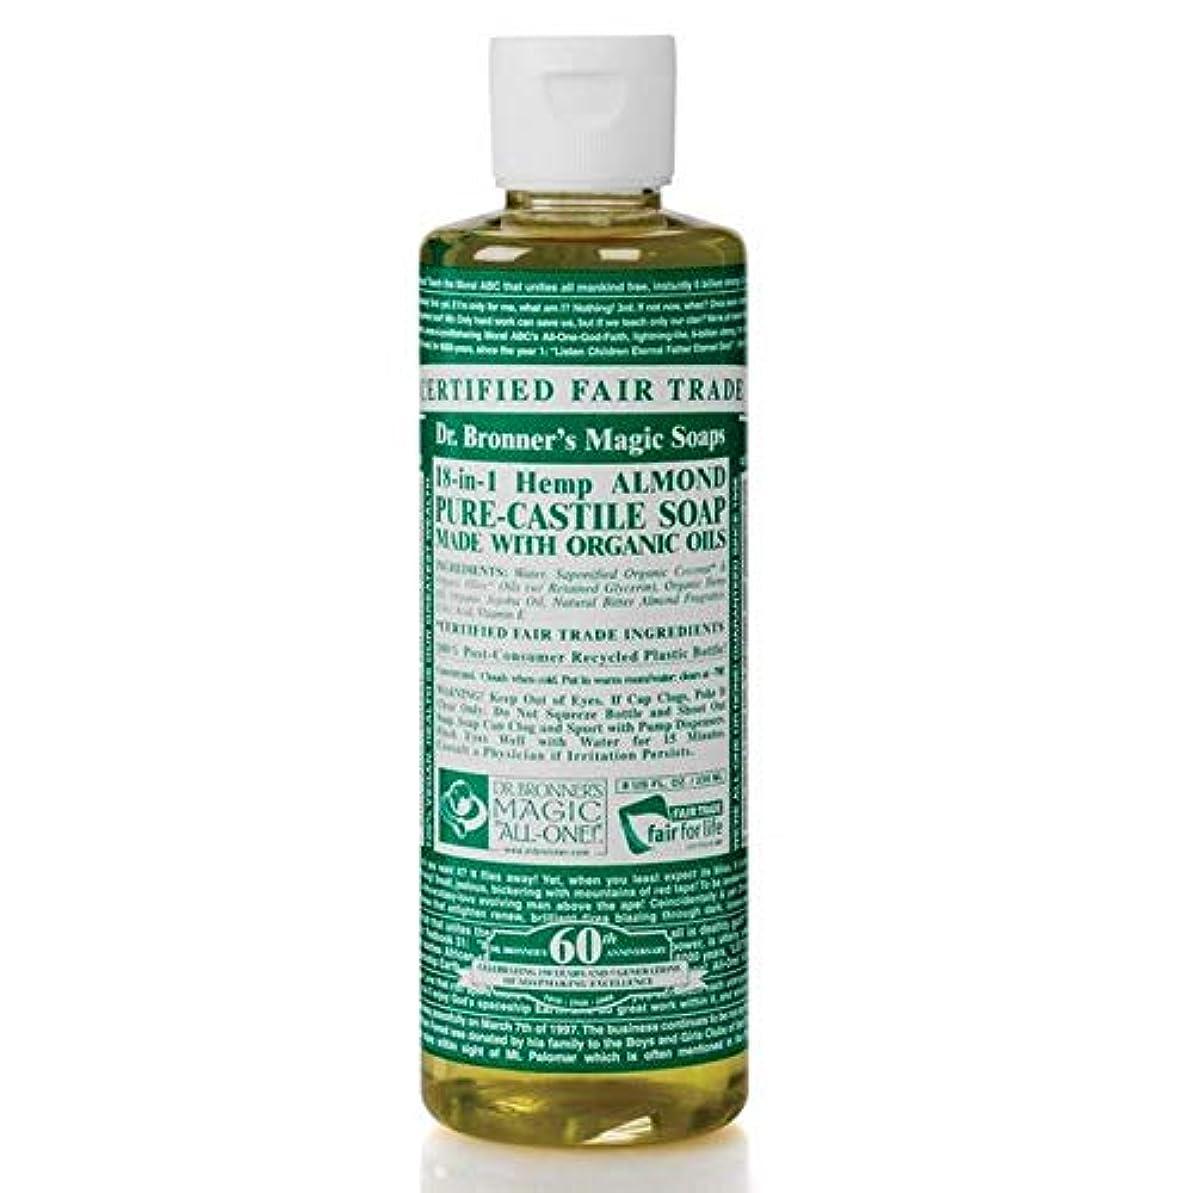 サスティーン等しい同志[Dr Bronner] Dr。ブロナーズ有機アーモンドカスティーリャ液体石鹸473ミリリットル - Dr. Bronner's Organic Almond Castile Liquid Soap 473ml [並行輸入品]